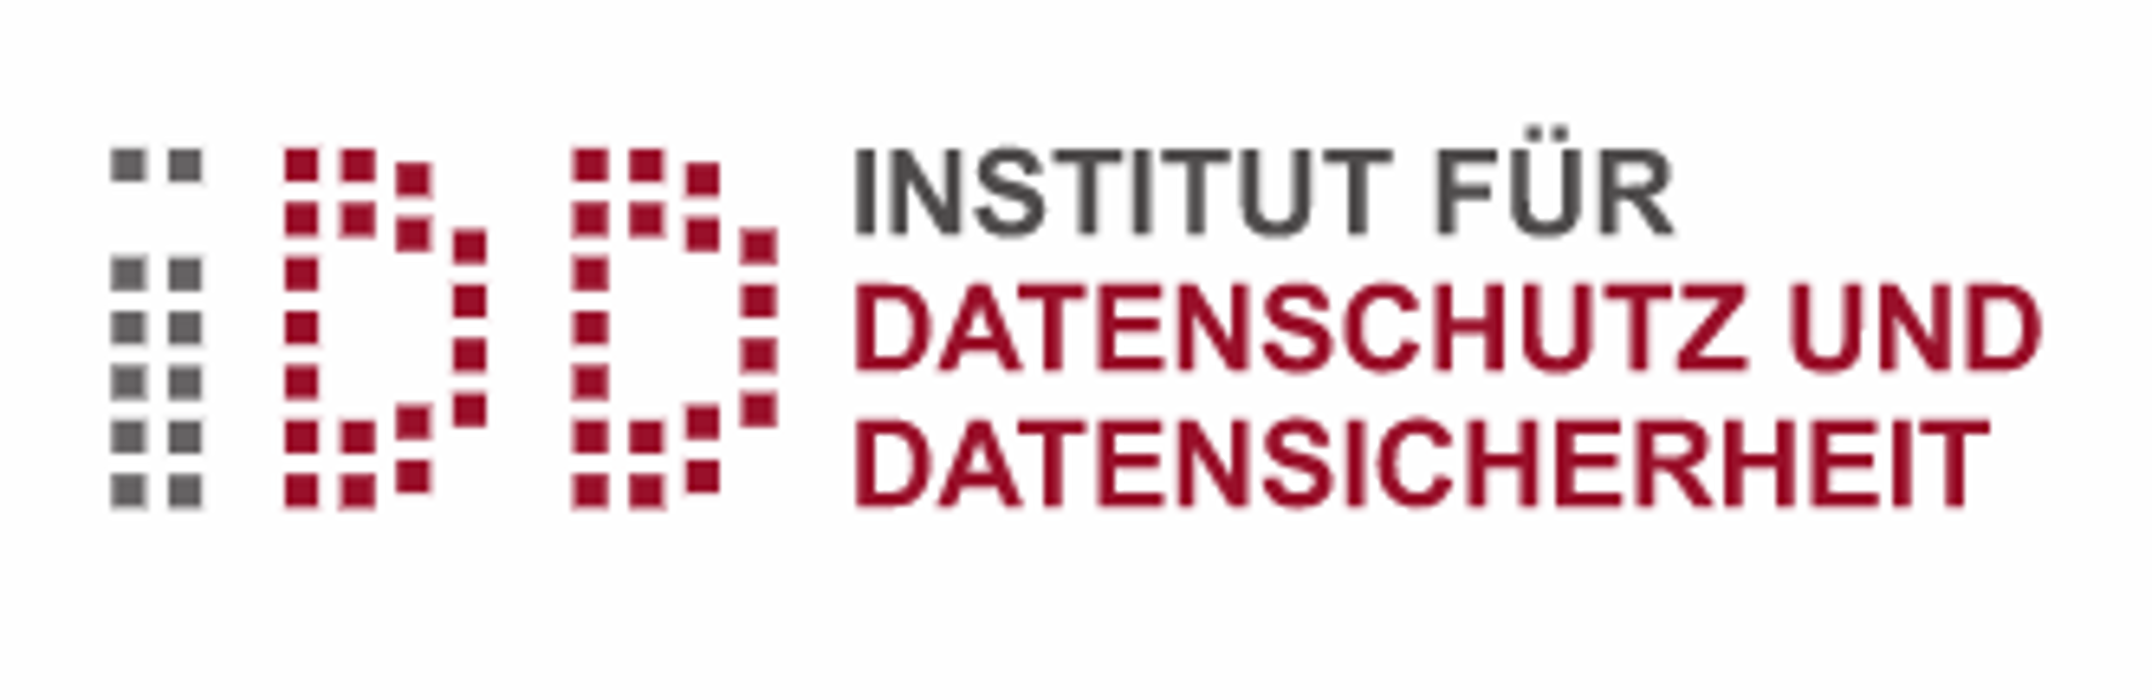 Bild zu IDD GmbH - Institut für Datenschutz und Datensicherheit in Bremen